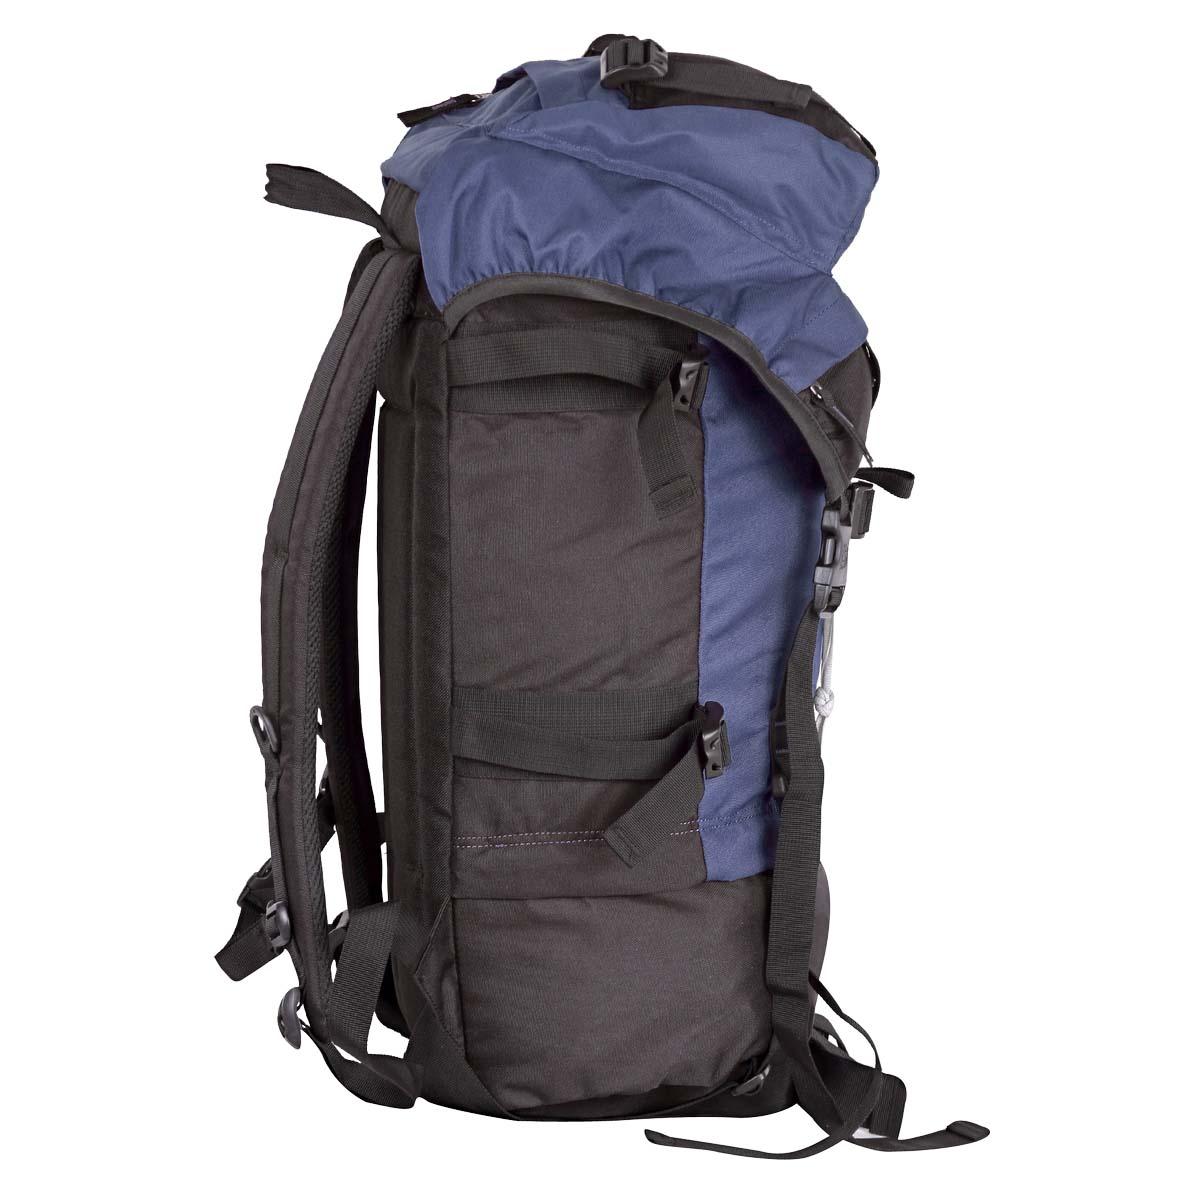 Рюкзак экспедиционный Polar, 45 л, цвет: синий. П930-04